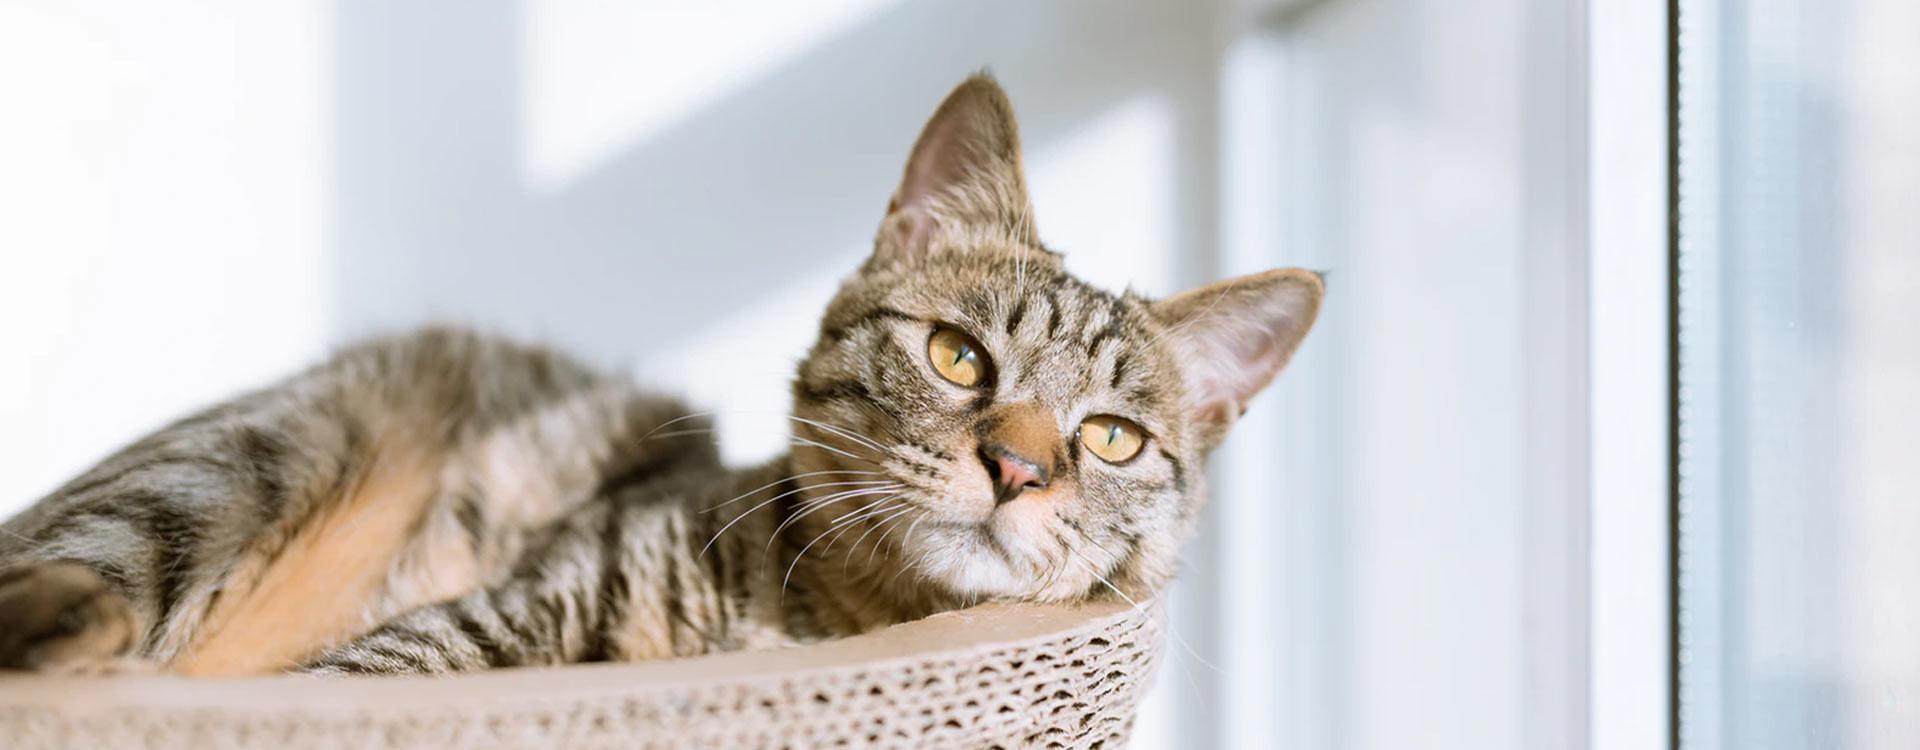 Mon chat tousse / mon chat éternue